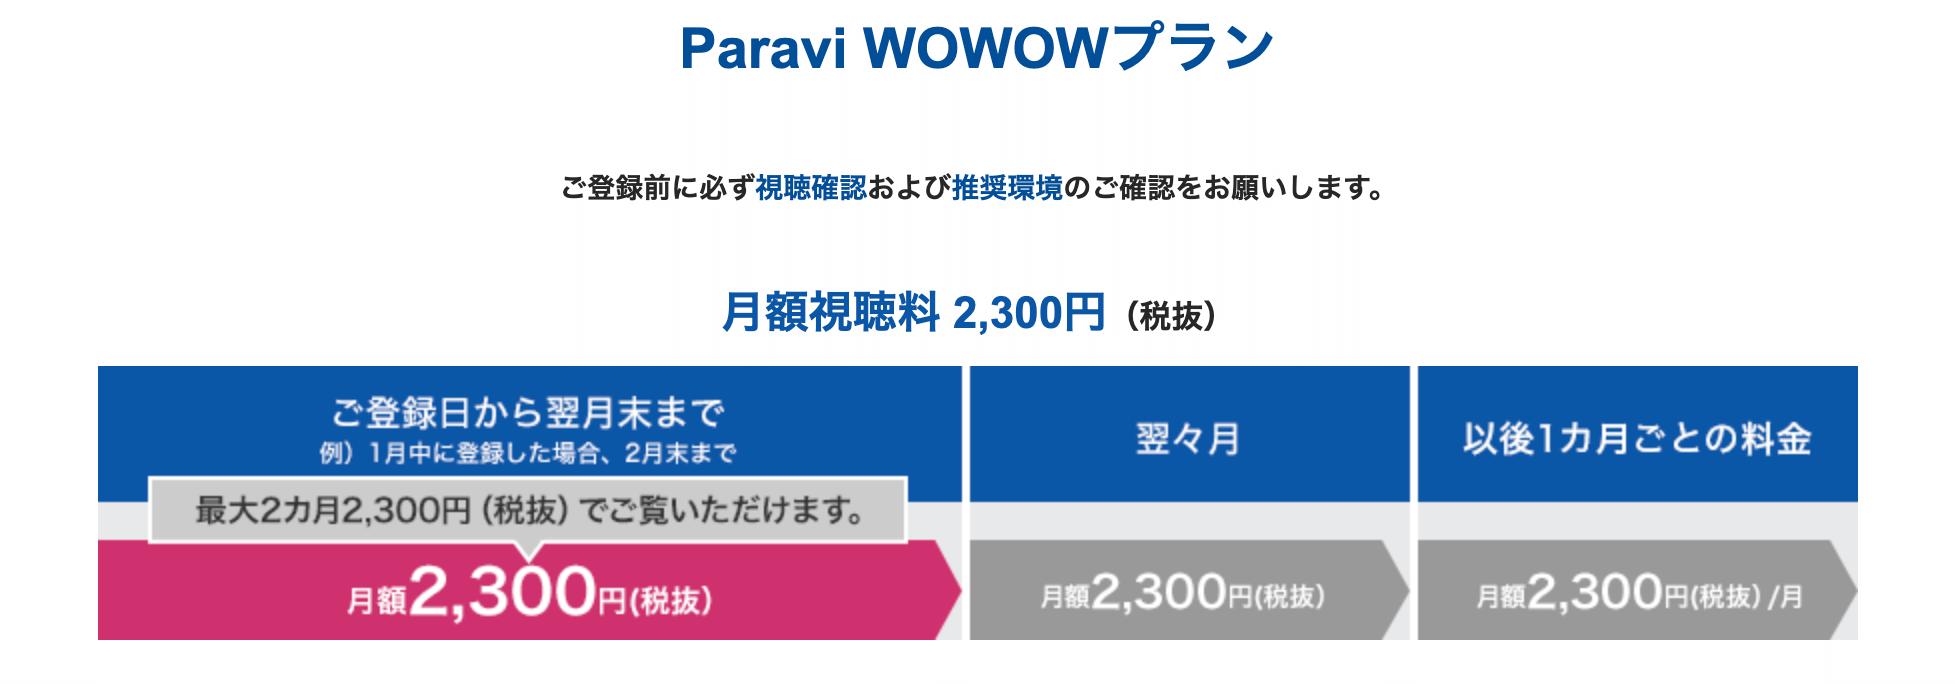 Paravi(パラビ)WOWOWプランとは、通常契約とどう違うの?注意点も ...